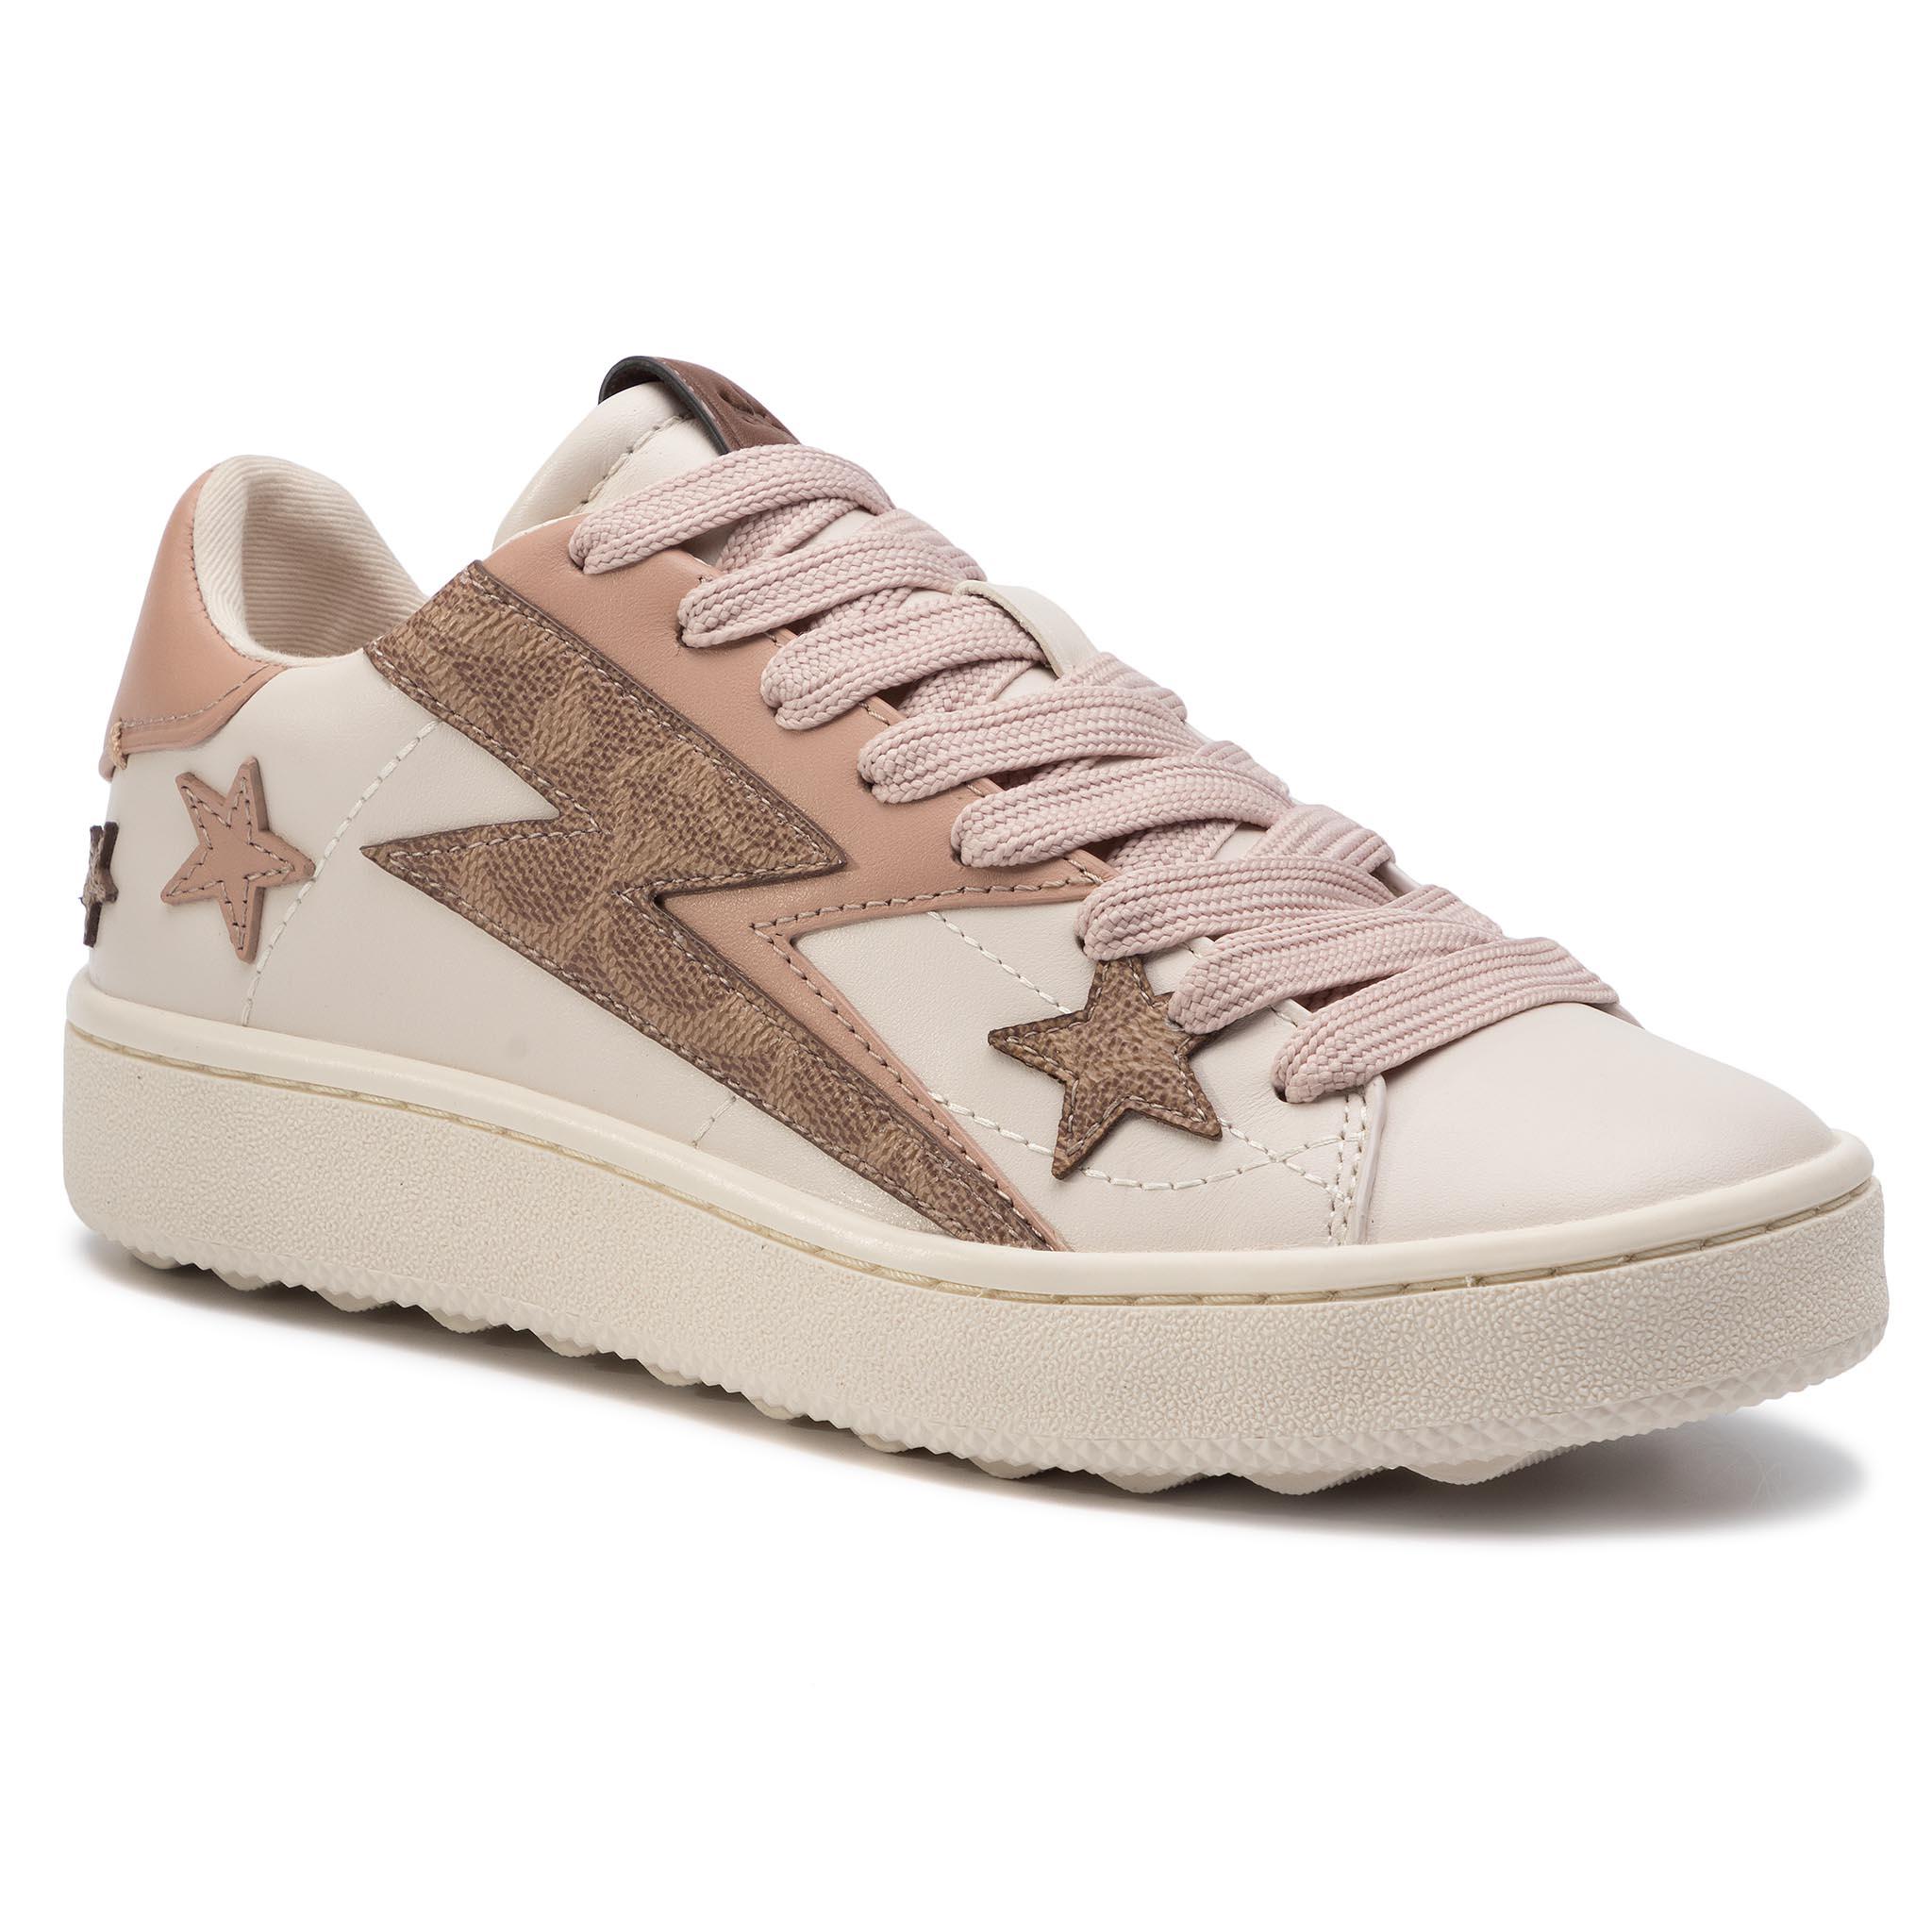 Sneakers TAMARIS 1 25229 23 Mocca Comb 303 Sneakers